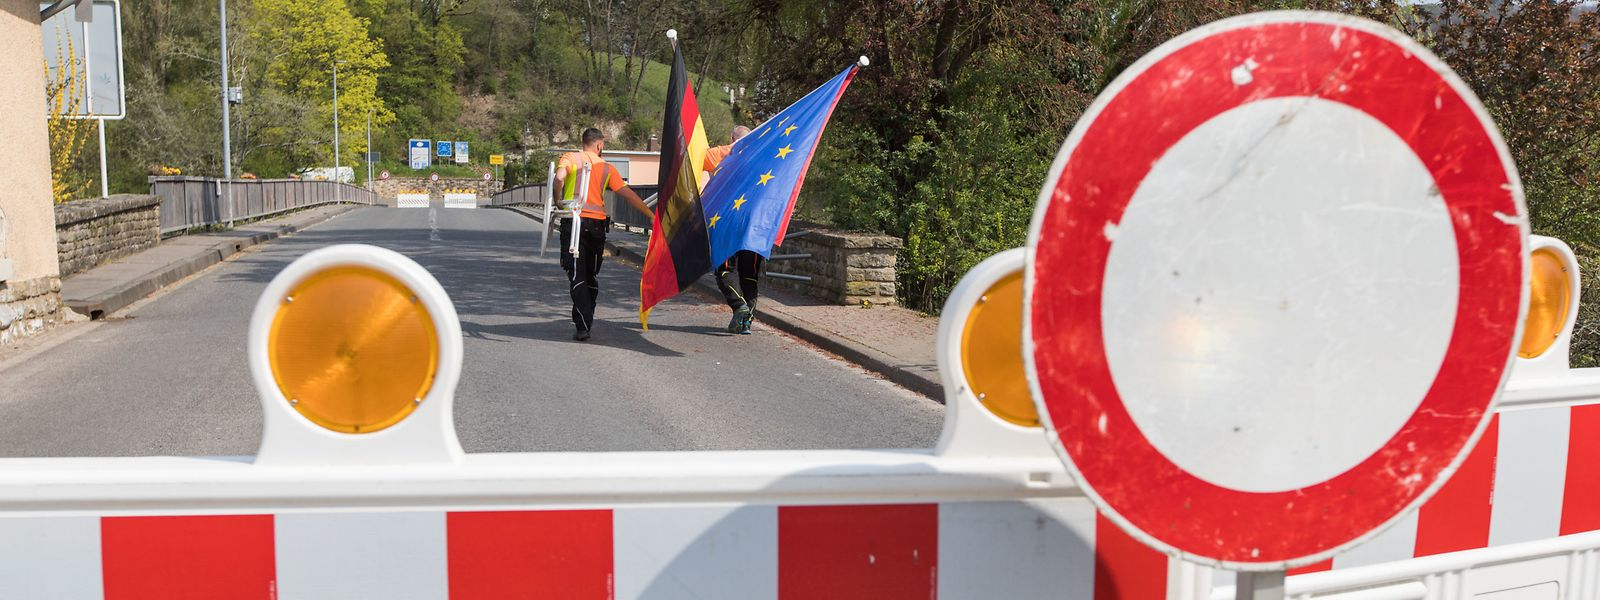 Bürger und Politiker fordern Deutschland auf, die Grenzen wieder komplett zu öffnen.